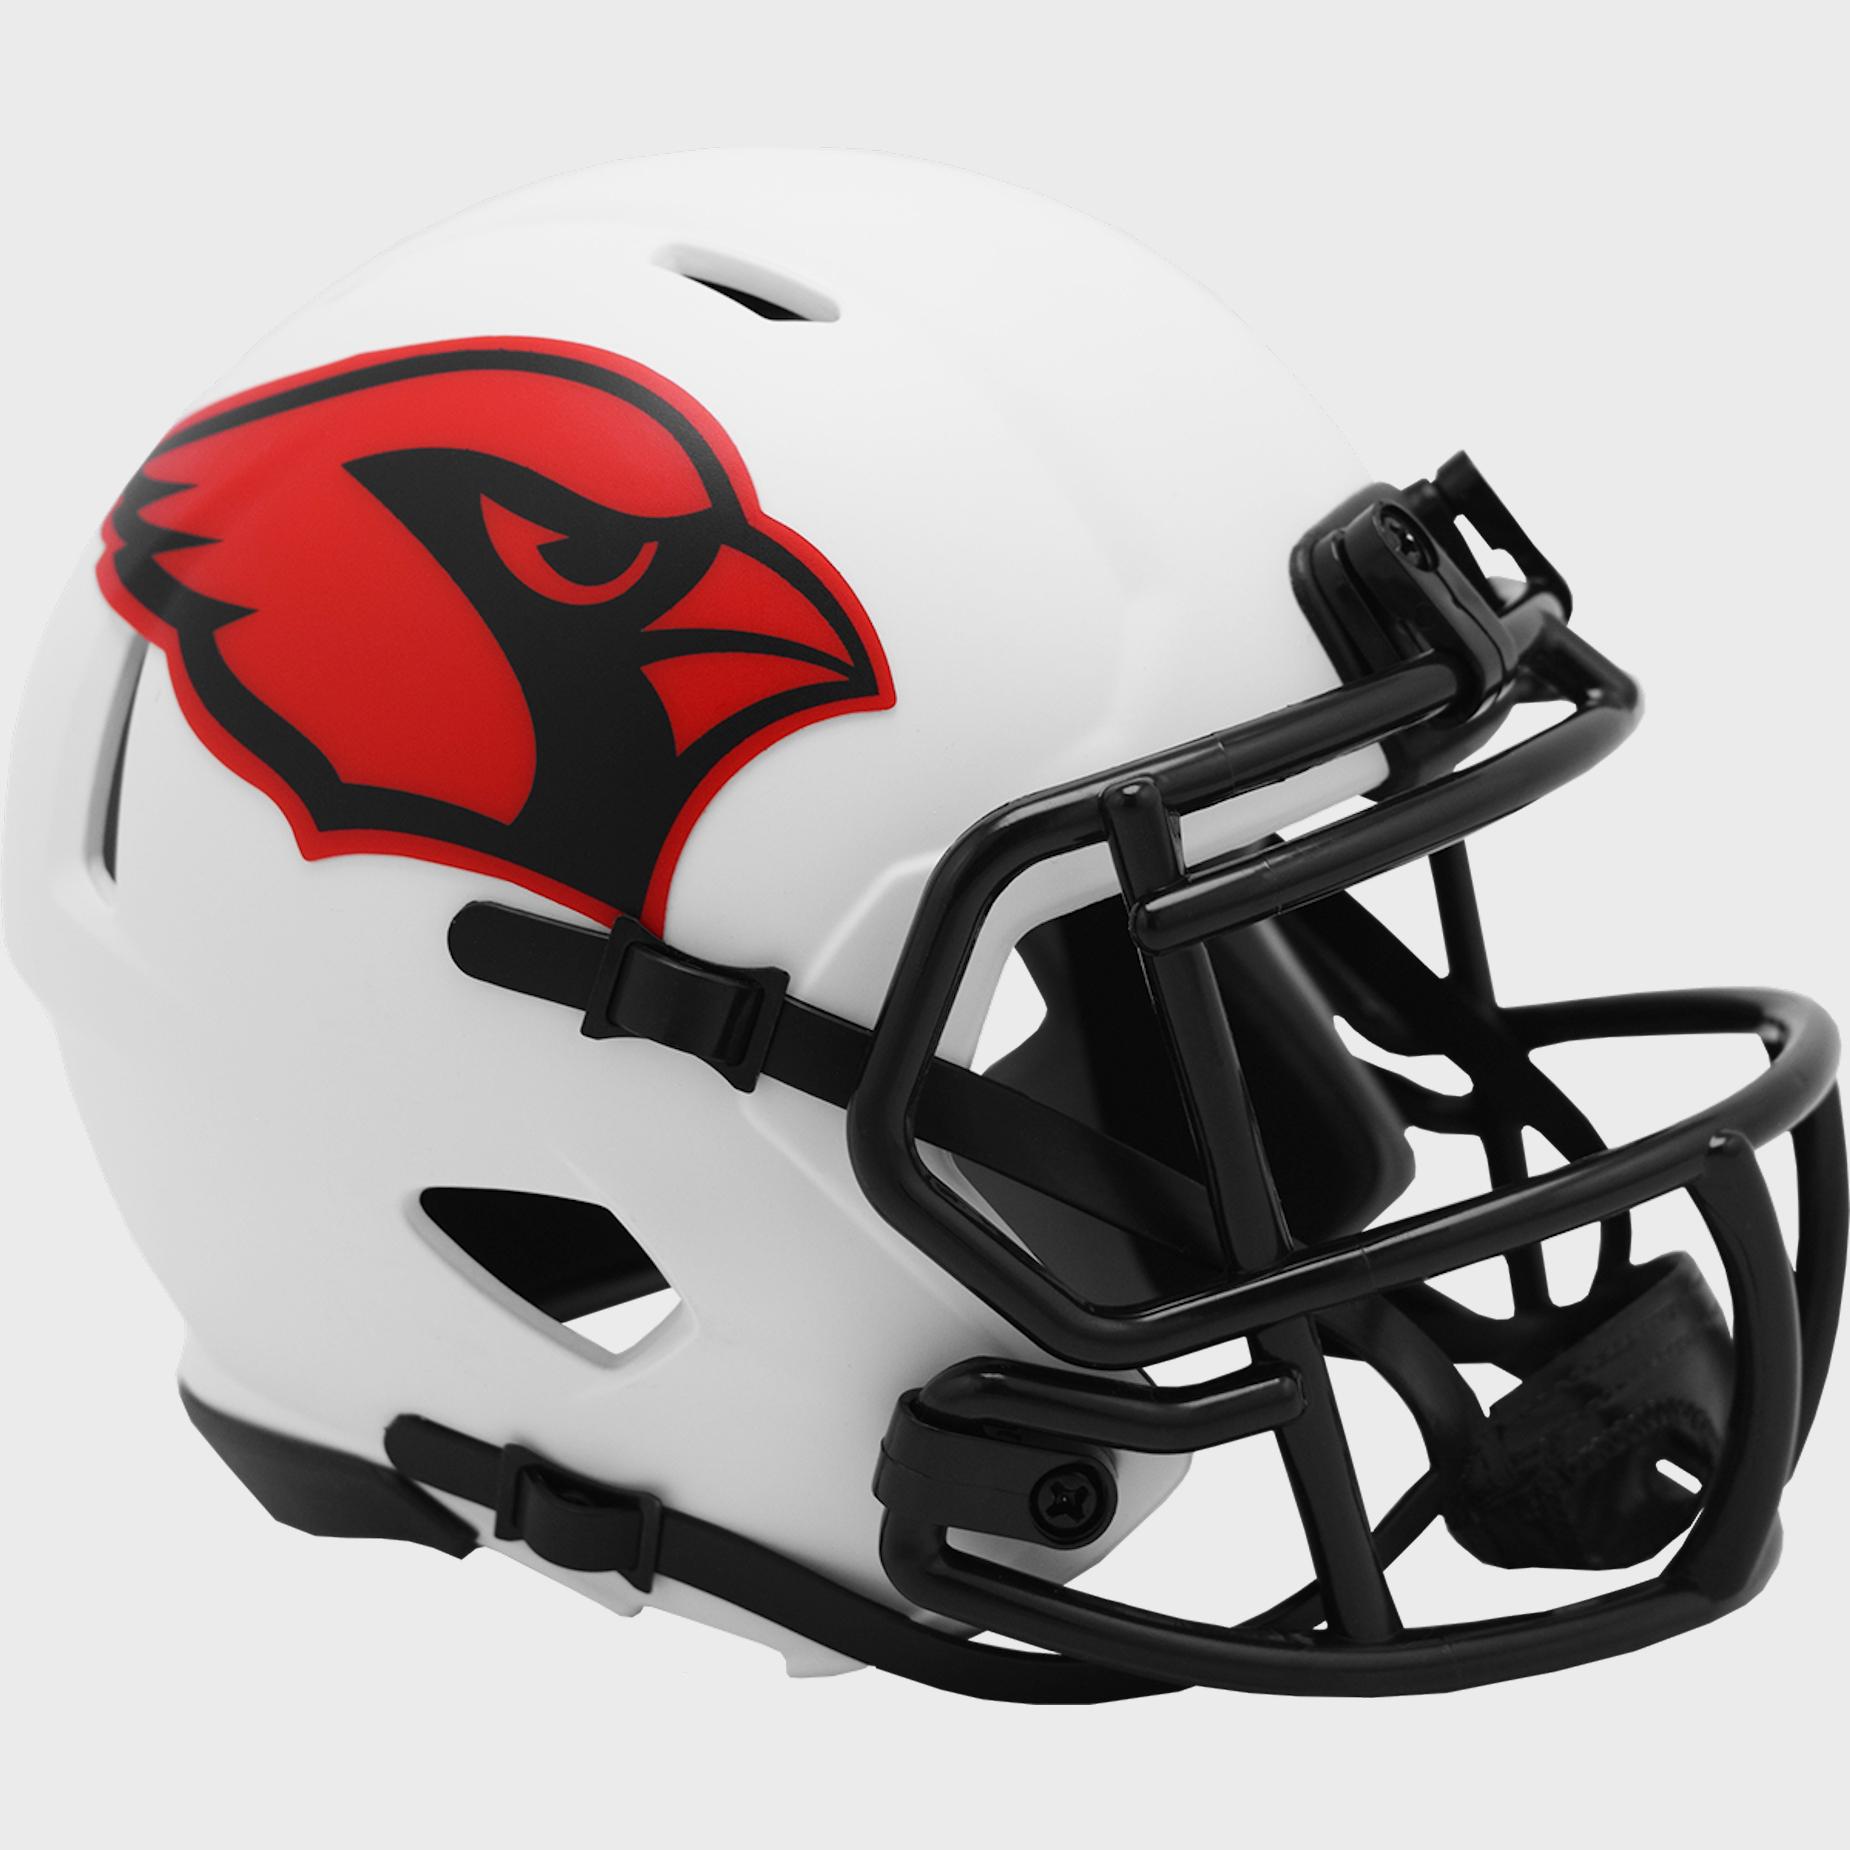 Arizona Cardinals NFL Mini Speed Football Helmet <B>LUNAR ECLIPSE</B>